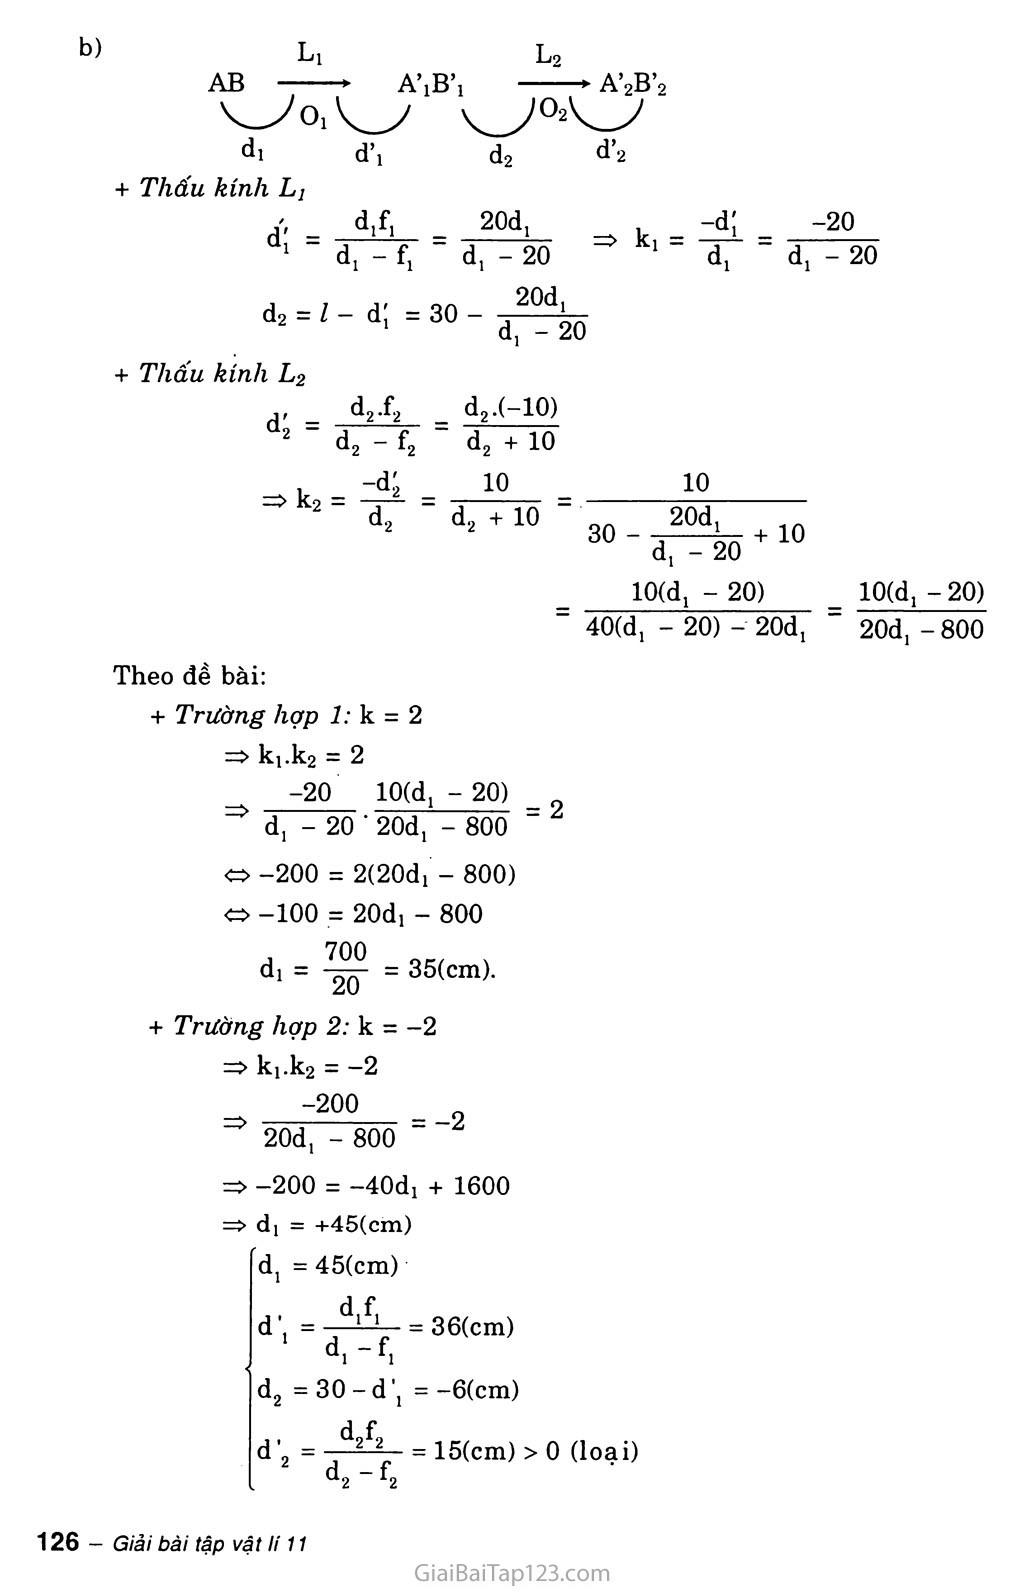 Bài 30: Giải bài toán về hệ thấu kính trang 5